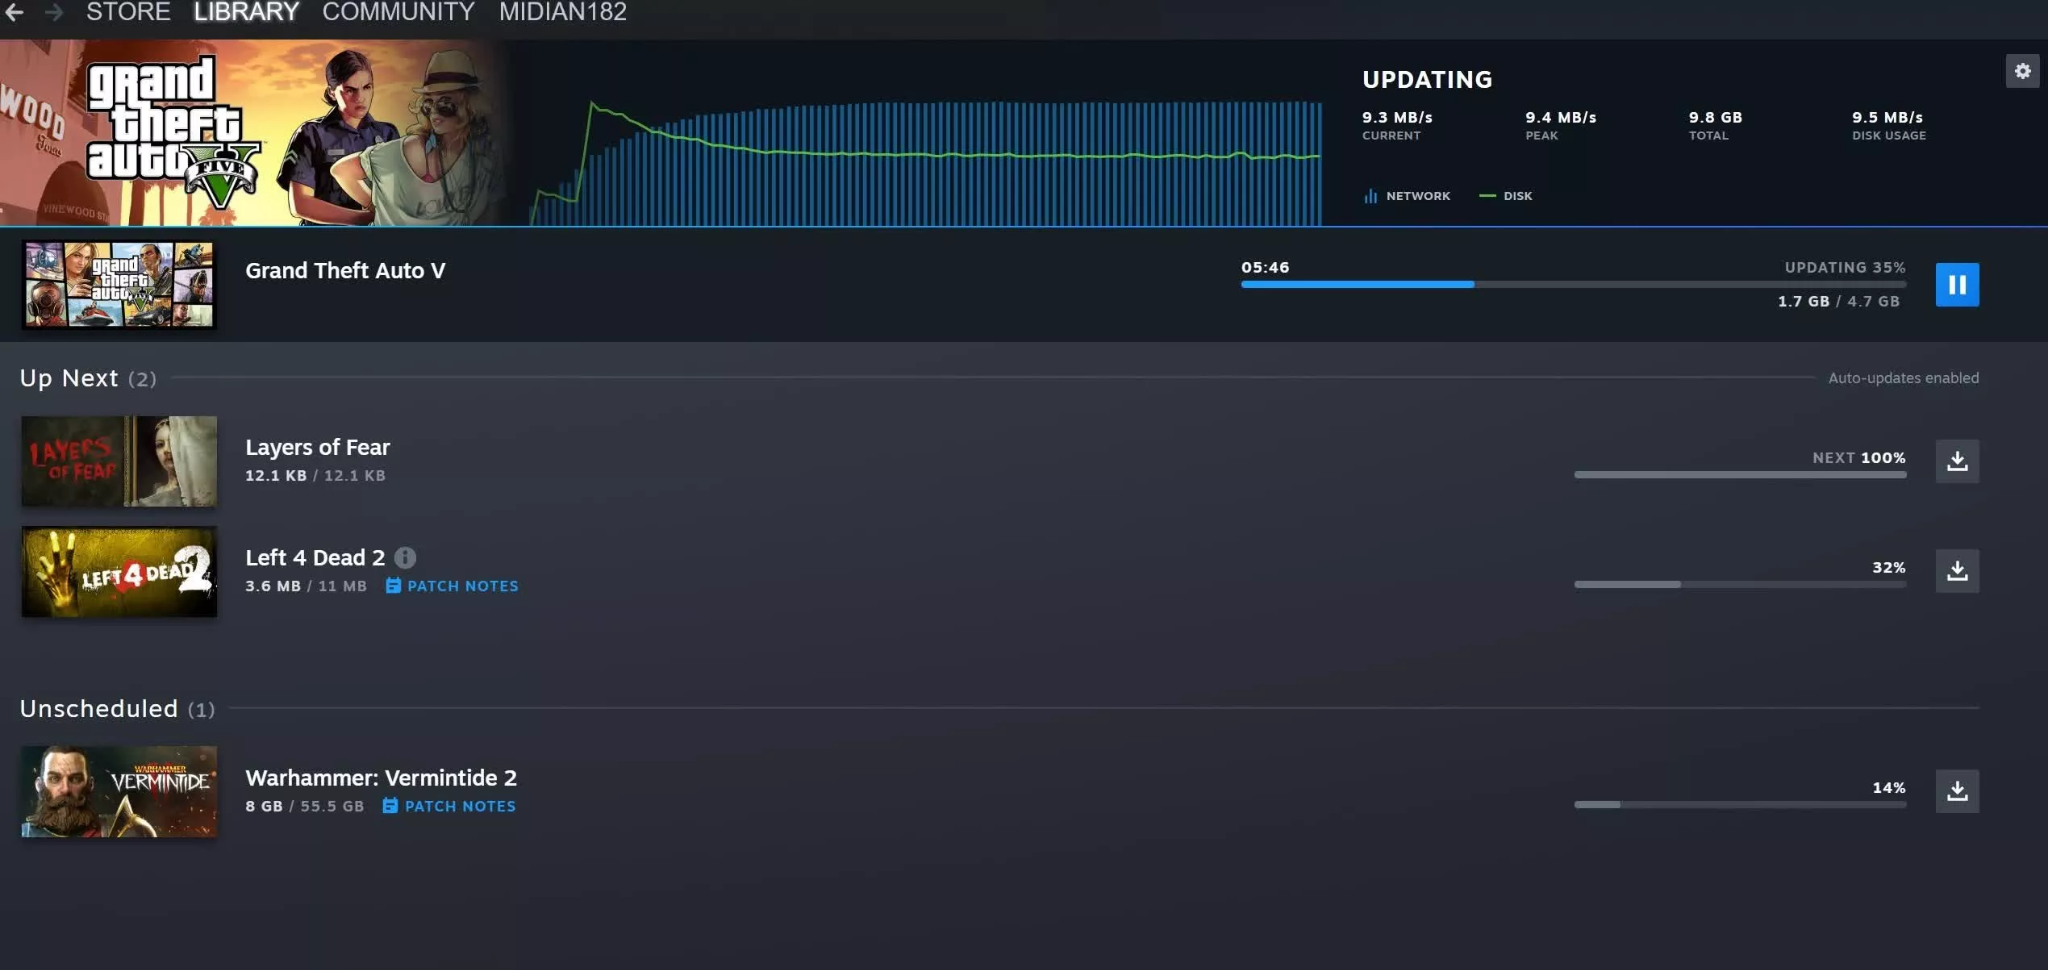 ข่าวใหญ่สะเทือนวงการ Steam ประกาศอัพเดทครั้งใหญ่หลังมีอายุครบ 18 ปี3